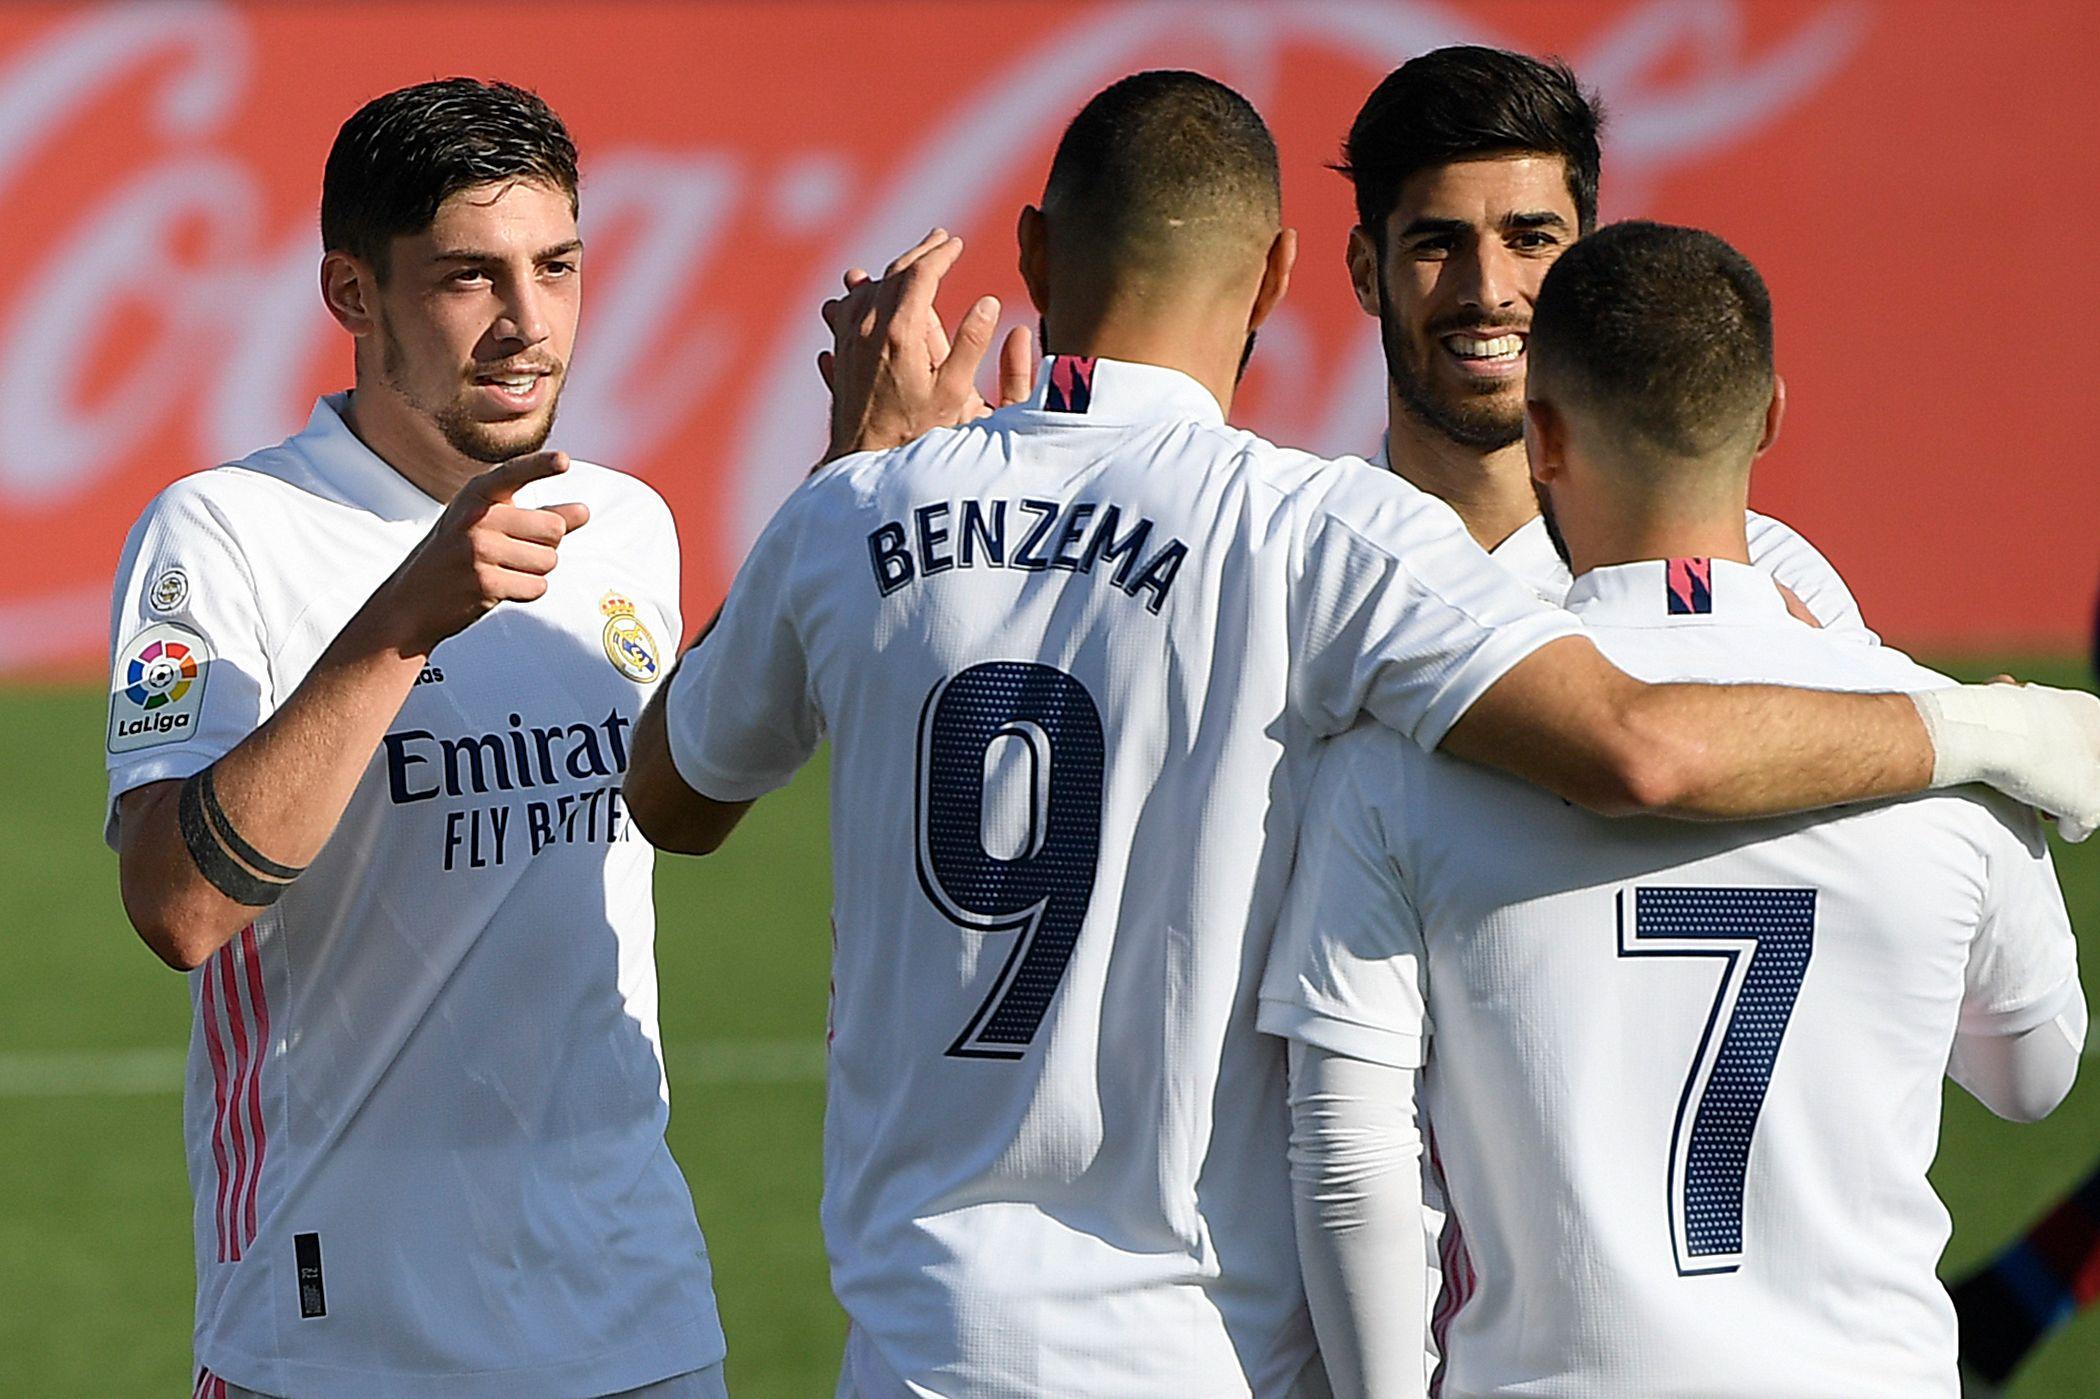 Pflichtsieg gegen Aufsteiger: Real Madrid vorerst Tabellenführer